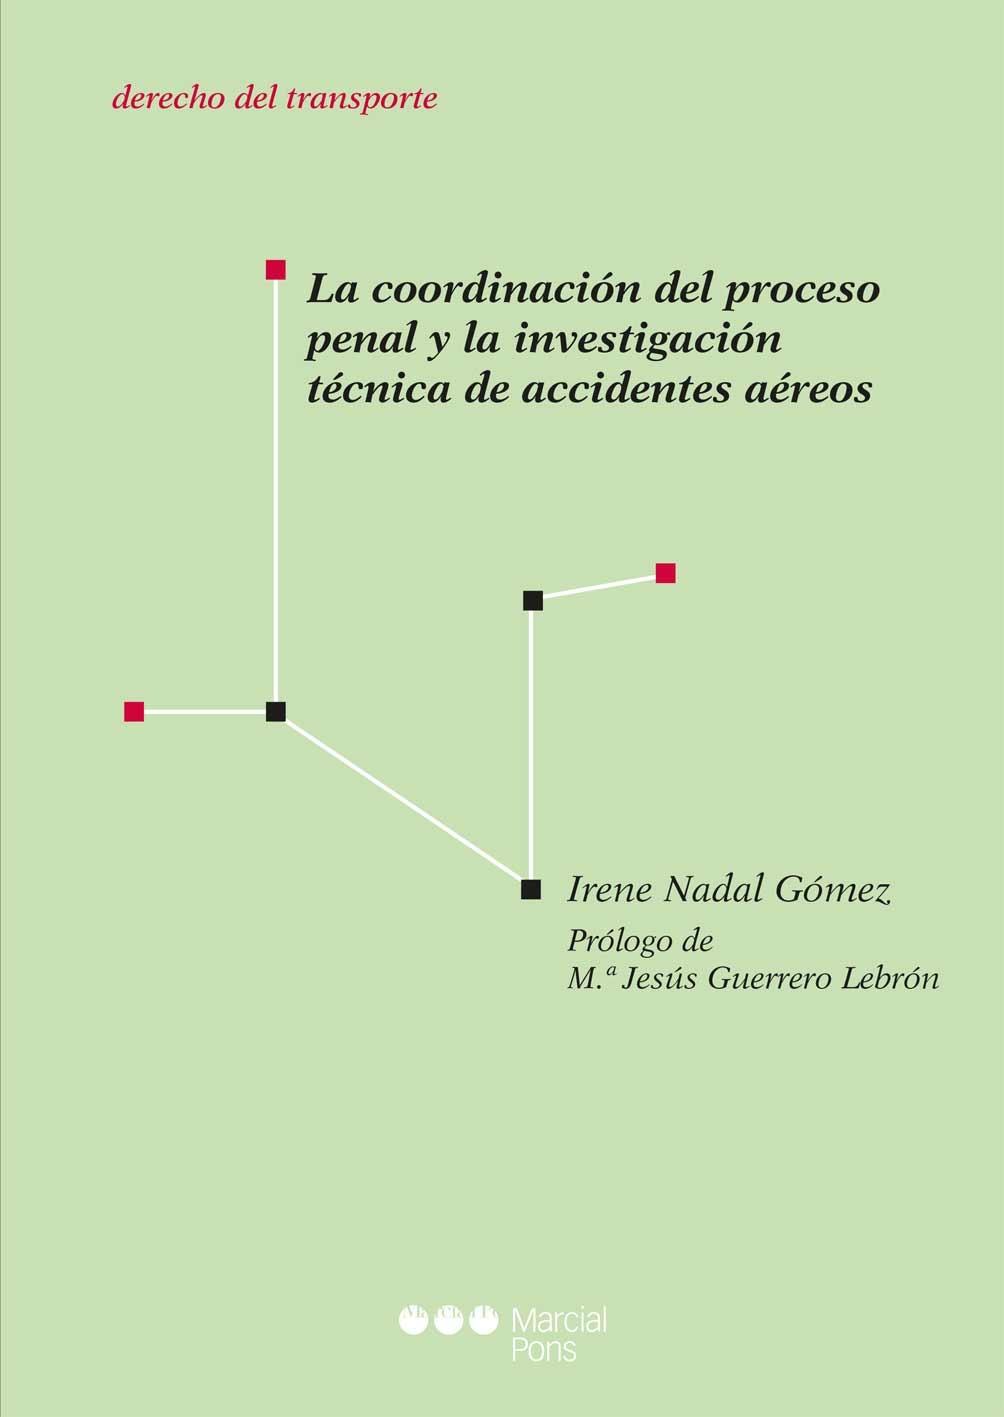 LA COORDINACIÓN DEL PROCESO PENAL Y LA INVESTIGACIÓN TÉCNICA DE ACCIDENTES AÉREOS